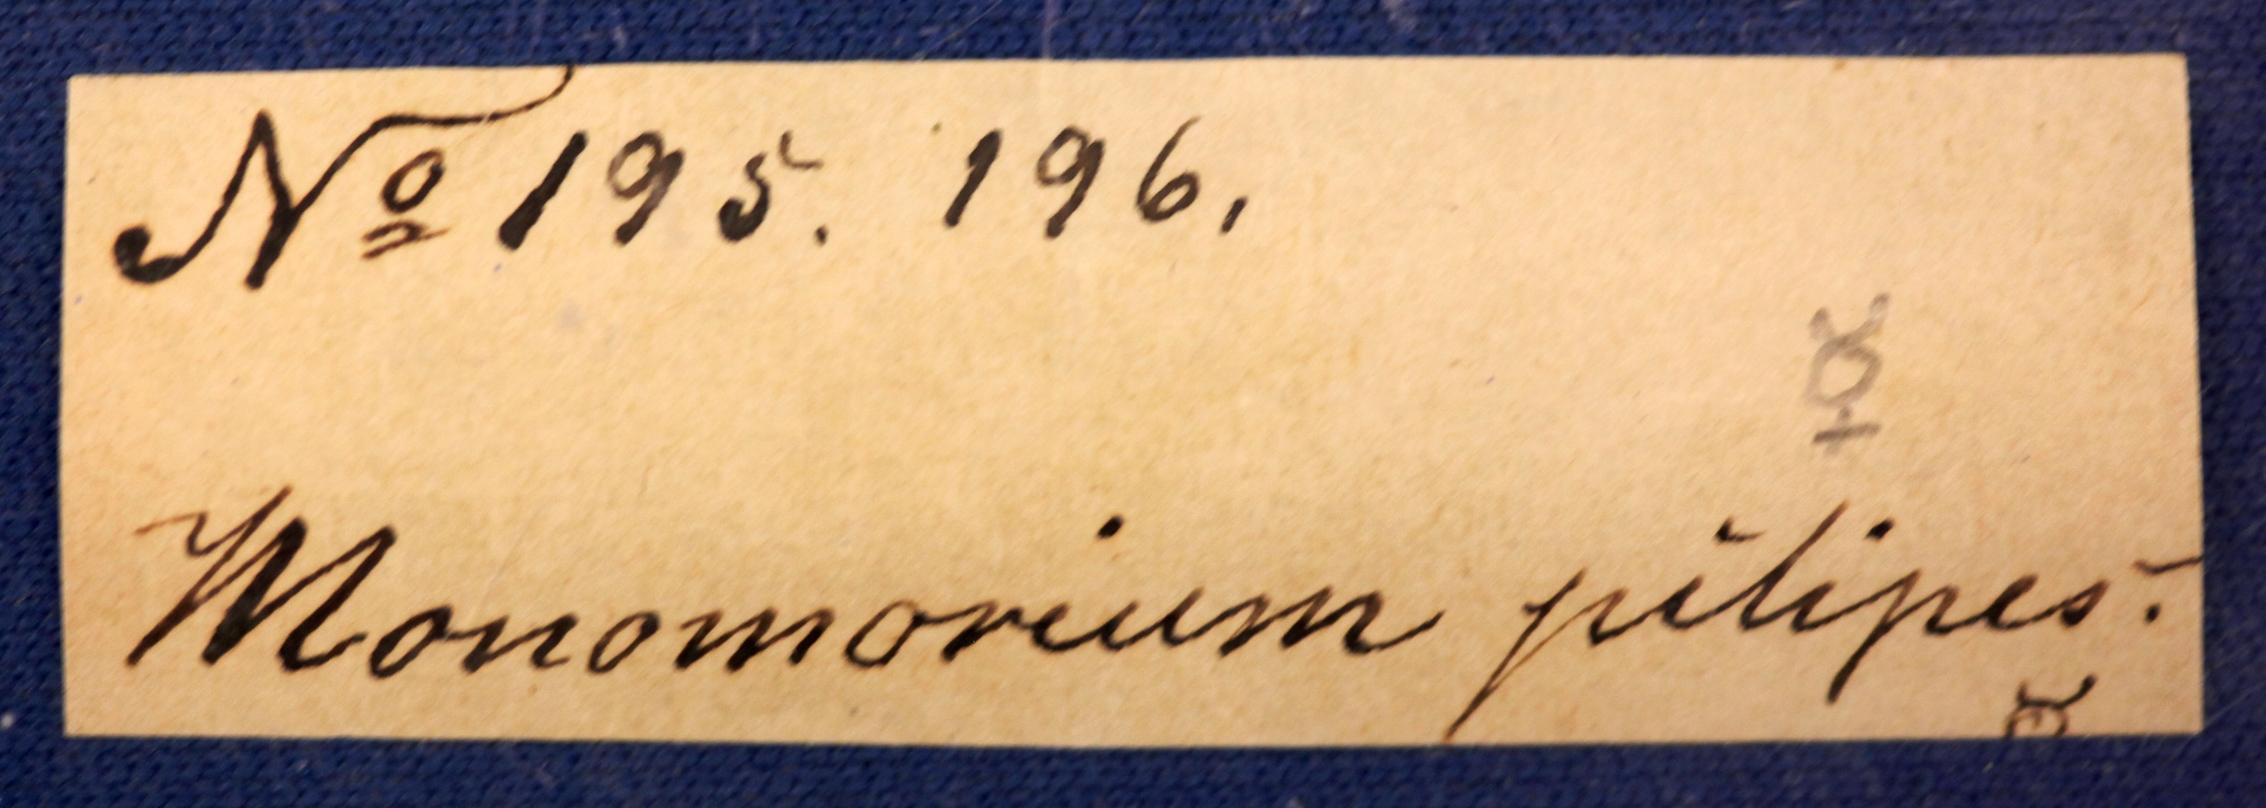 Image of Monomorium pilipes